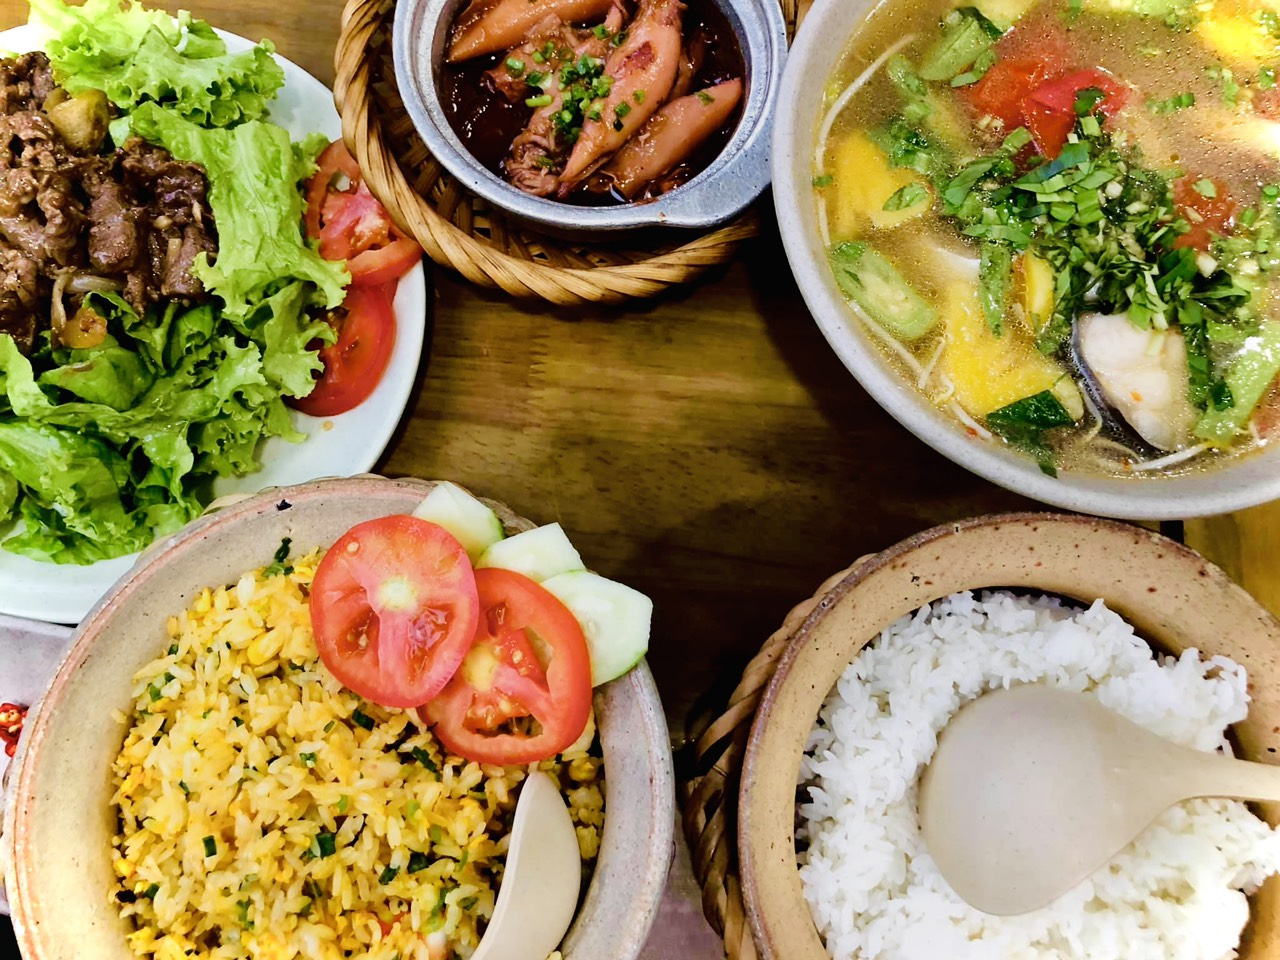 Ăn gì ở Tân Bình? Ghim 21 Món ngon + địa chỉ quán ăn ngon Tân Bình